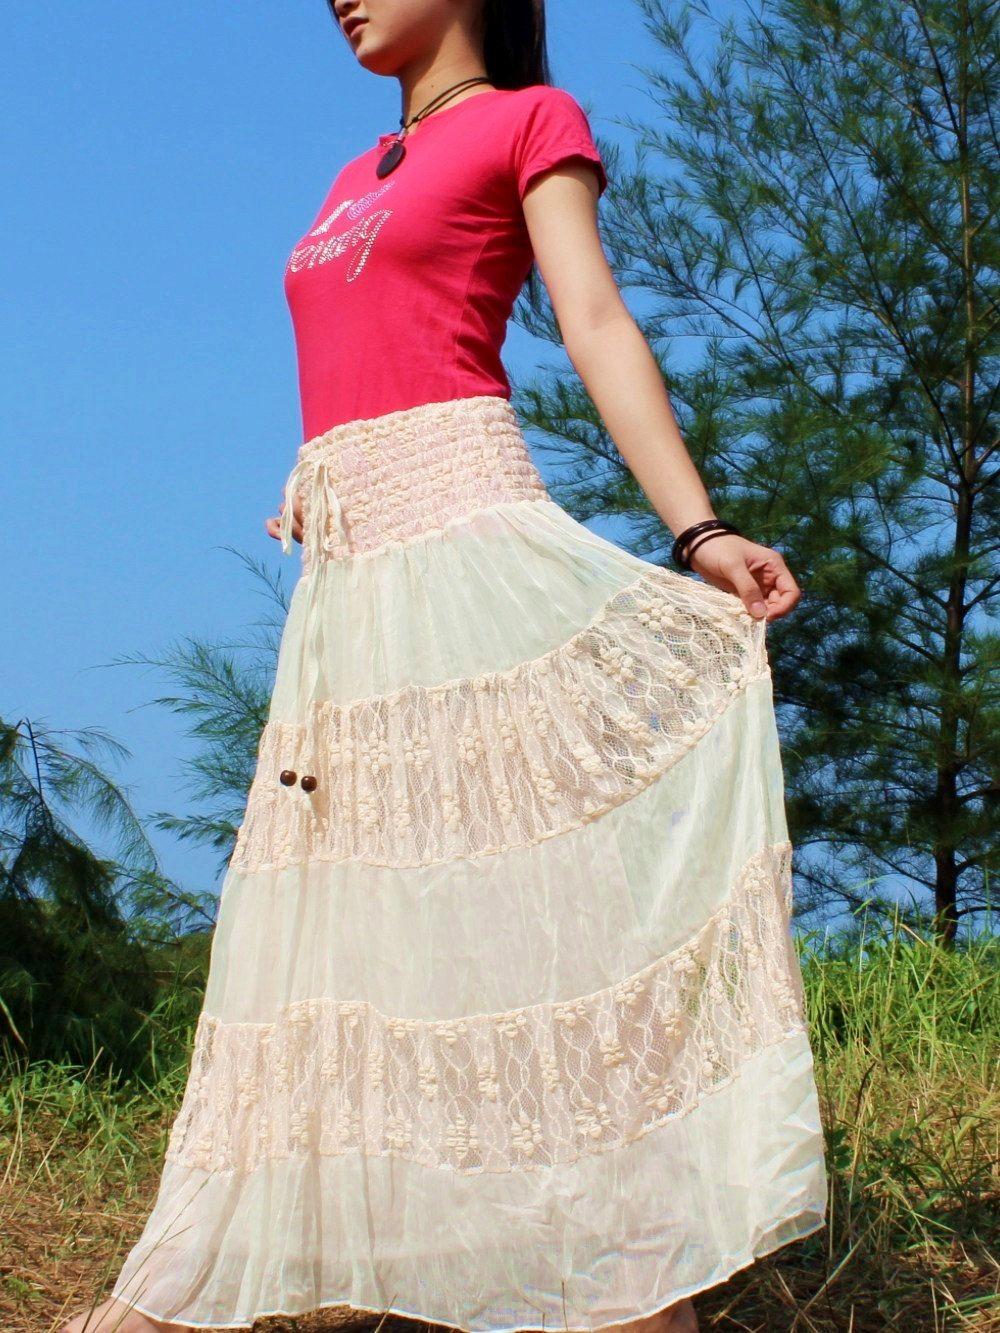 Lace Maxi Skirt Women Long Skirt Summer Short Party Dress Etsy Long Skirts For Women Maxi Lace Skirt Long Skirt Summer [ 1333 x 1000 Pixel ]